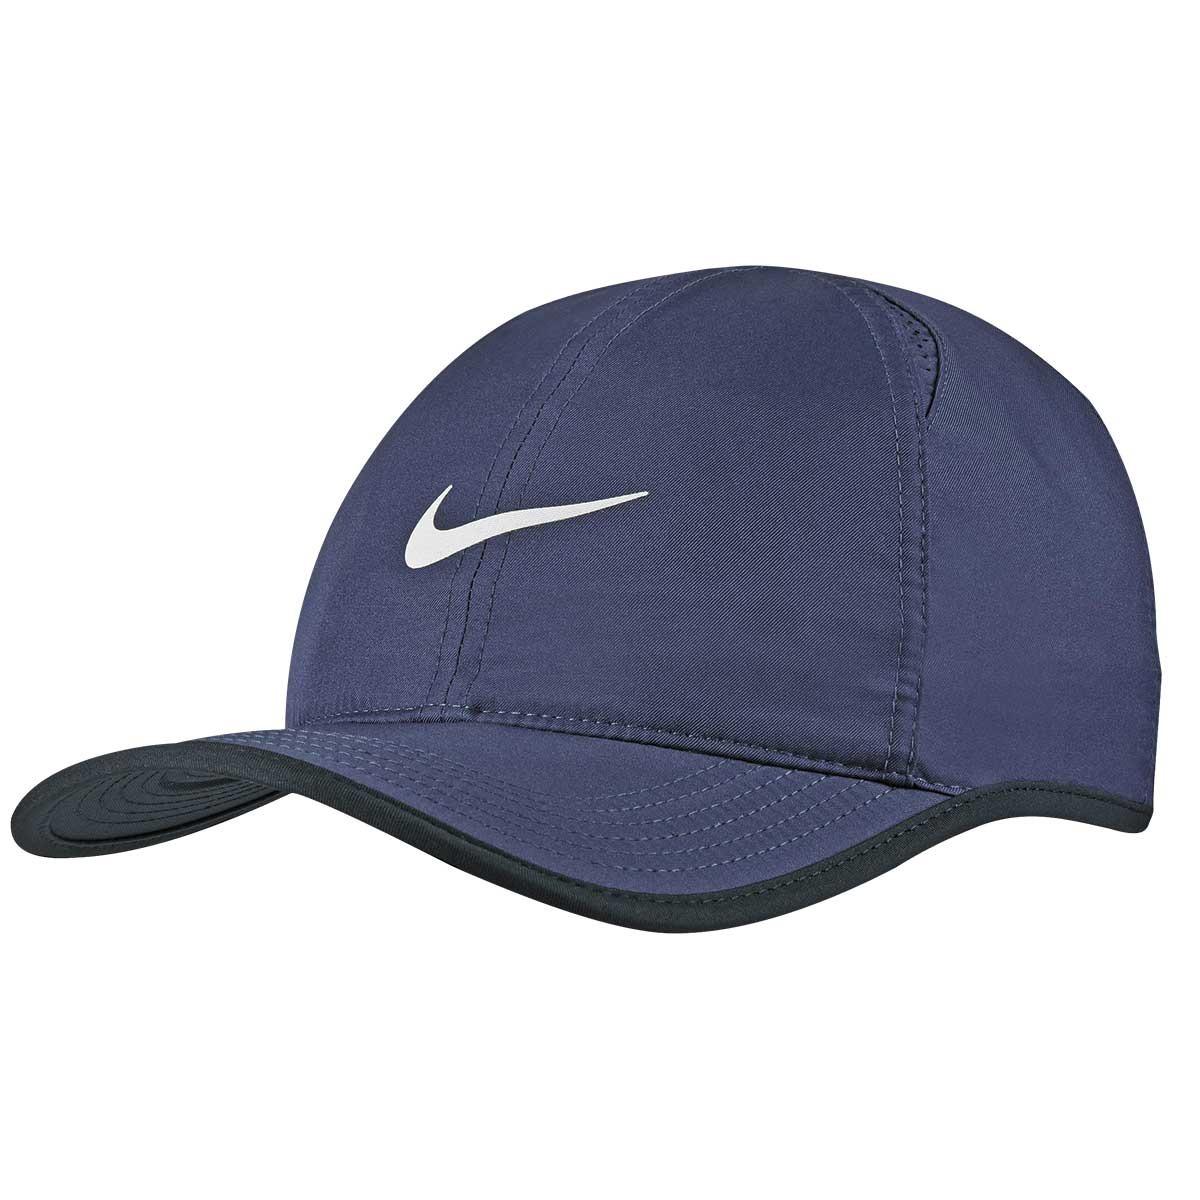 492cc2855c980 gorra deportiva unisex para tenis marca nike original 799 . Cargando zoom.